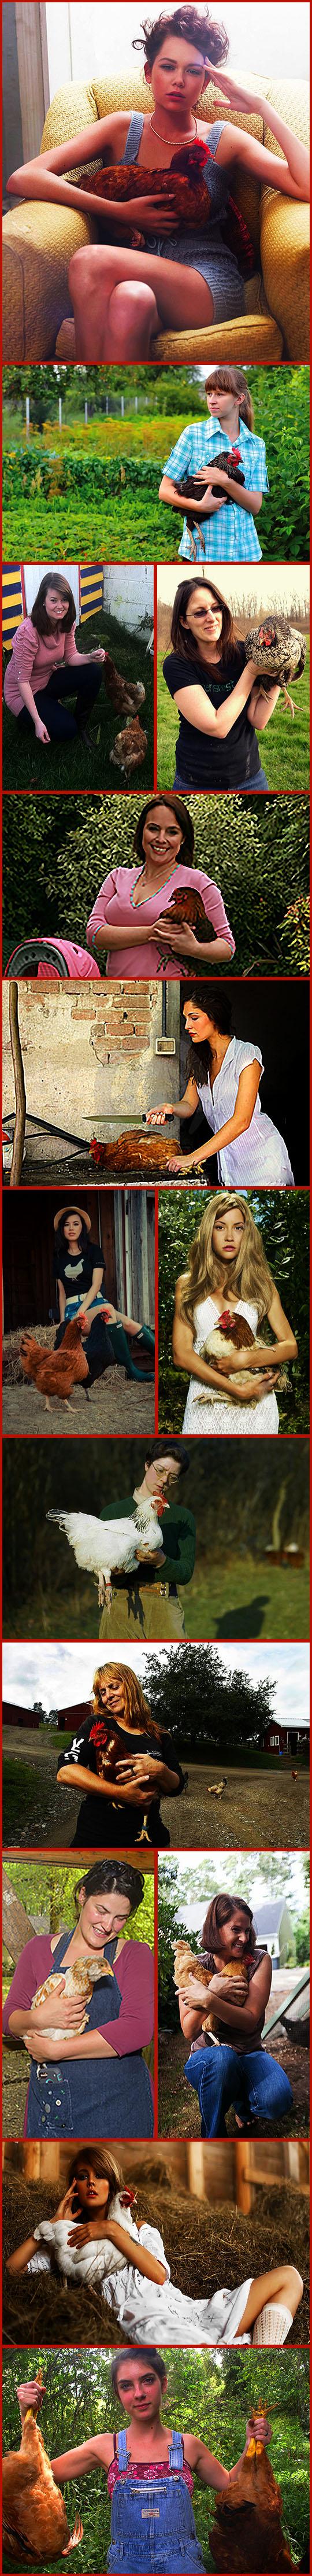 18. chickenwomen_7-18-19.jpg